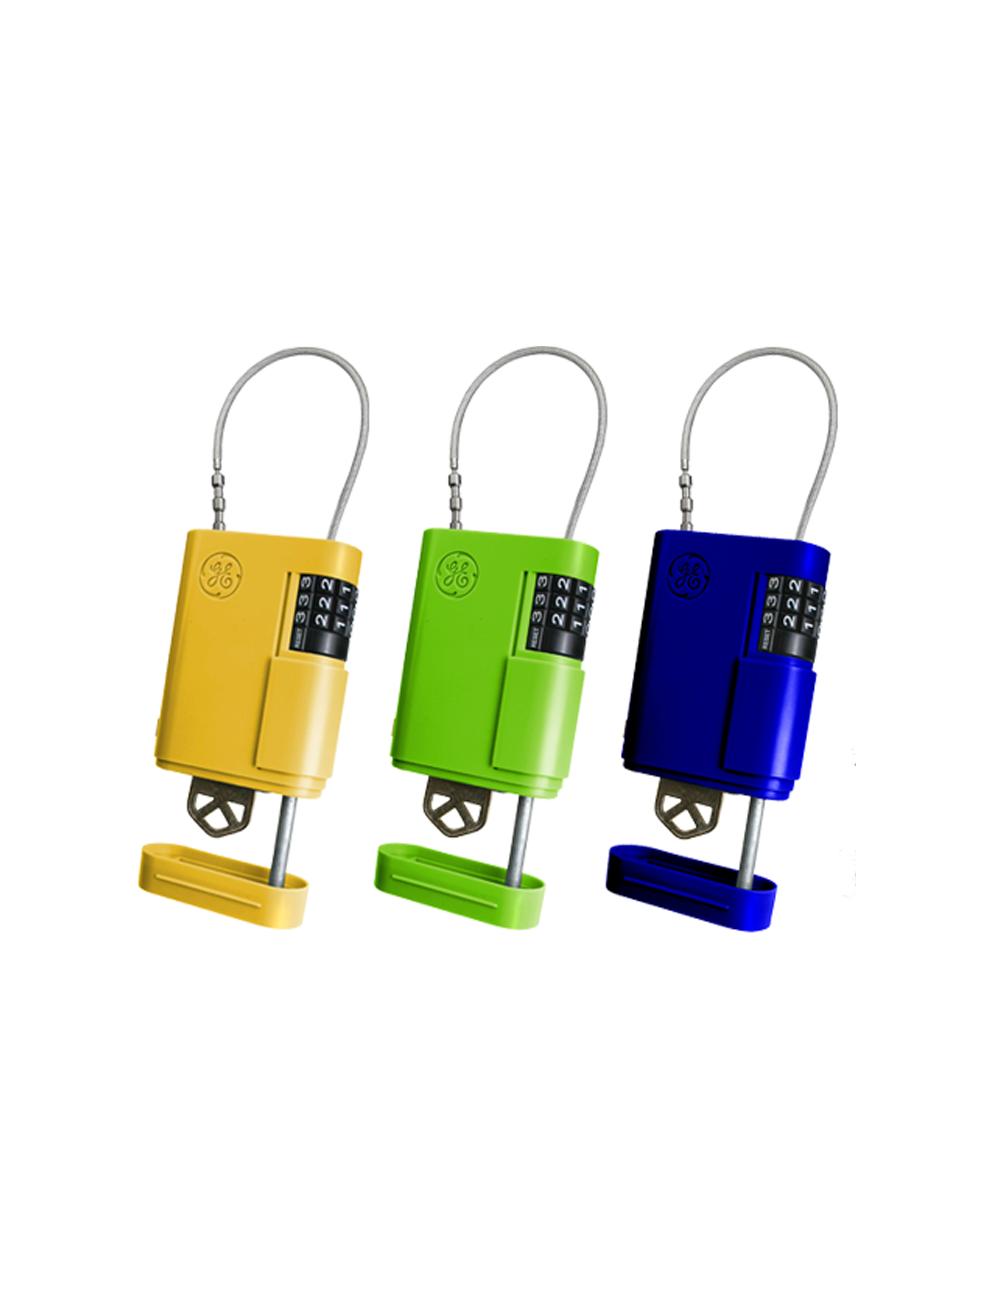 3 couleurs de cache clef cadenas